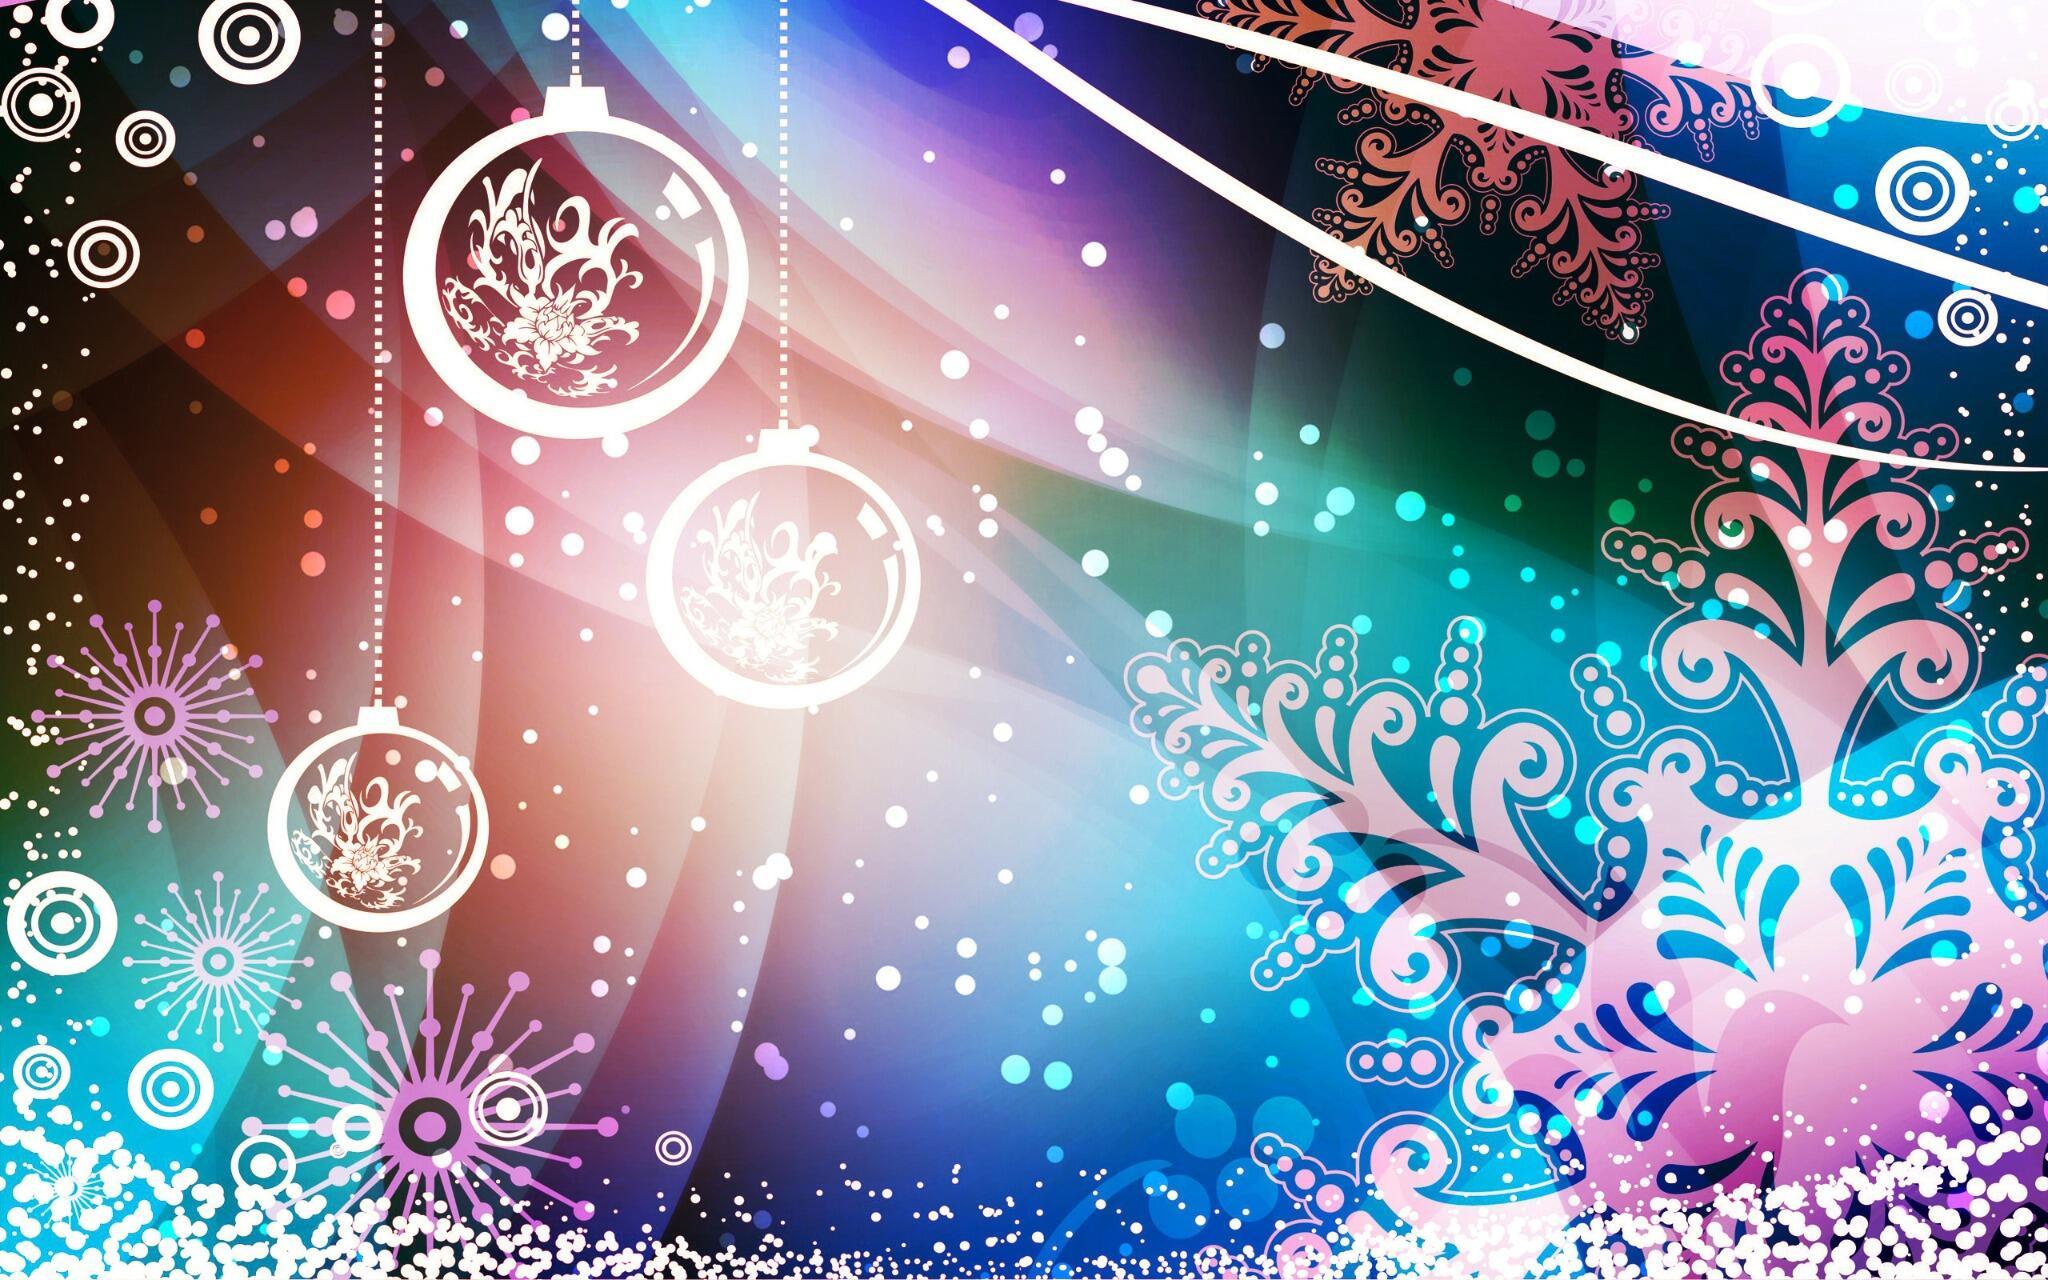 Новогодний узор на новогодних открытках, рамки для